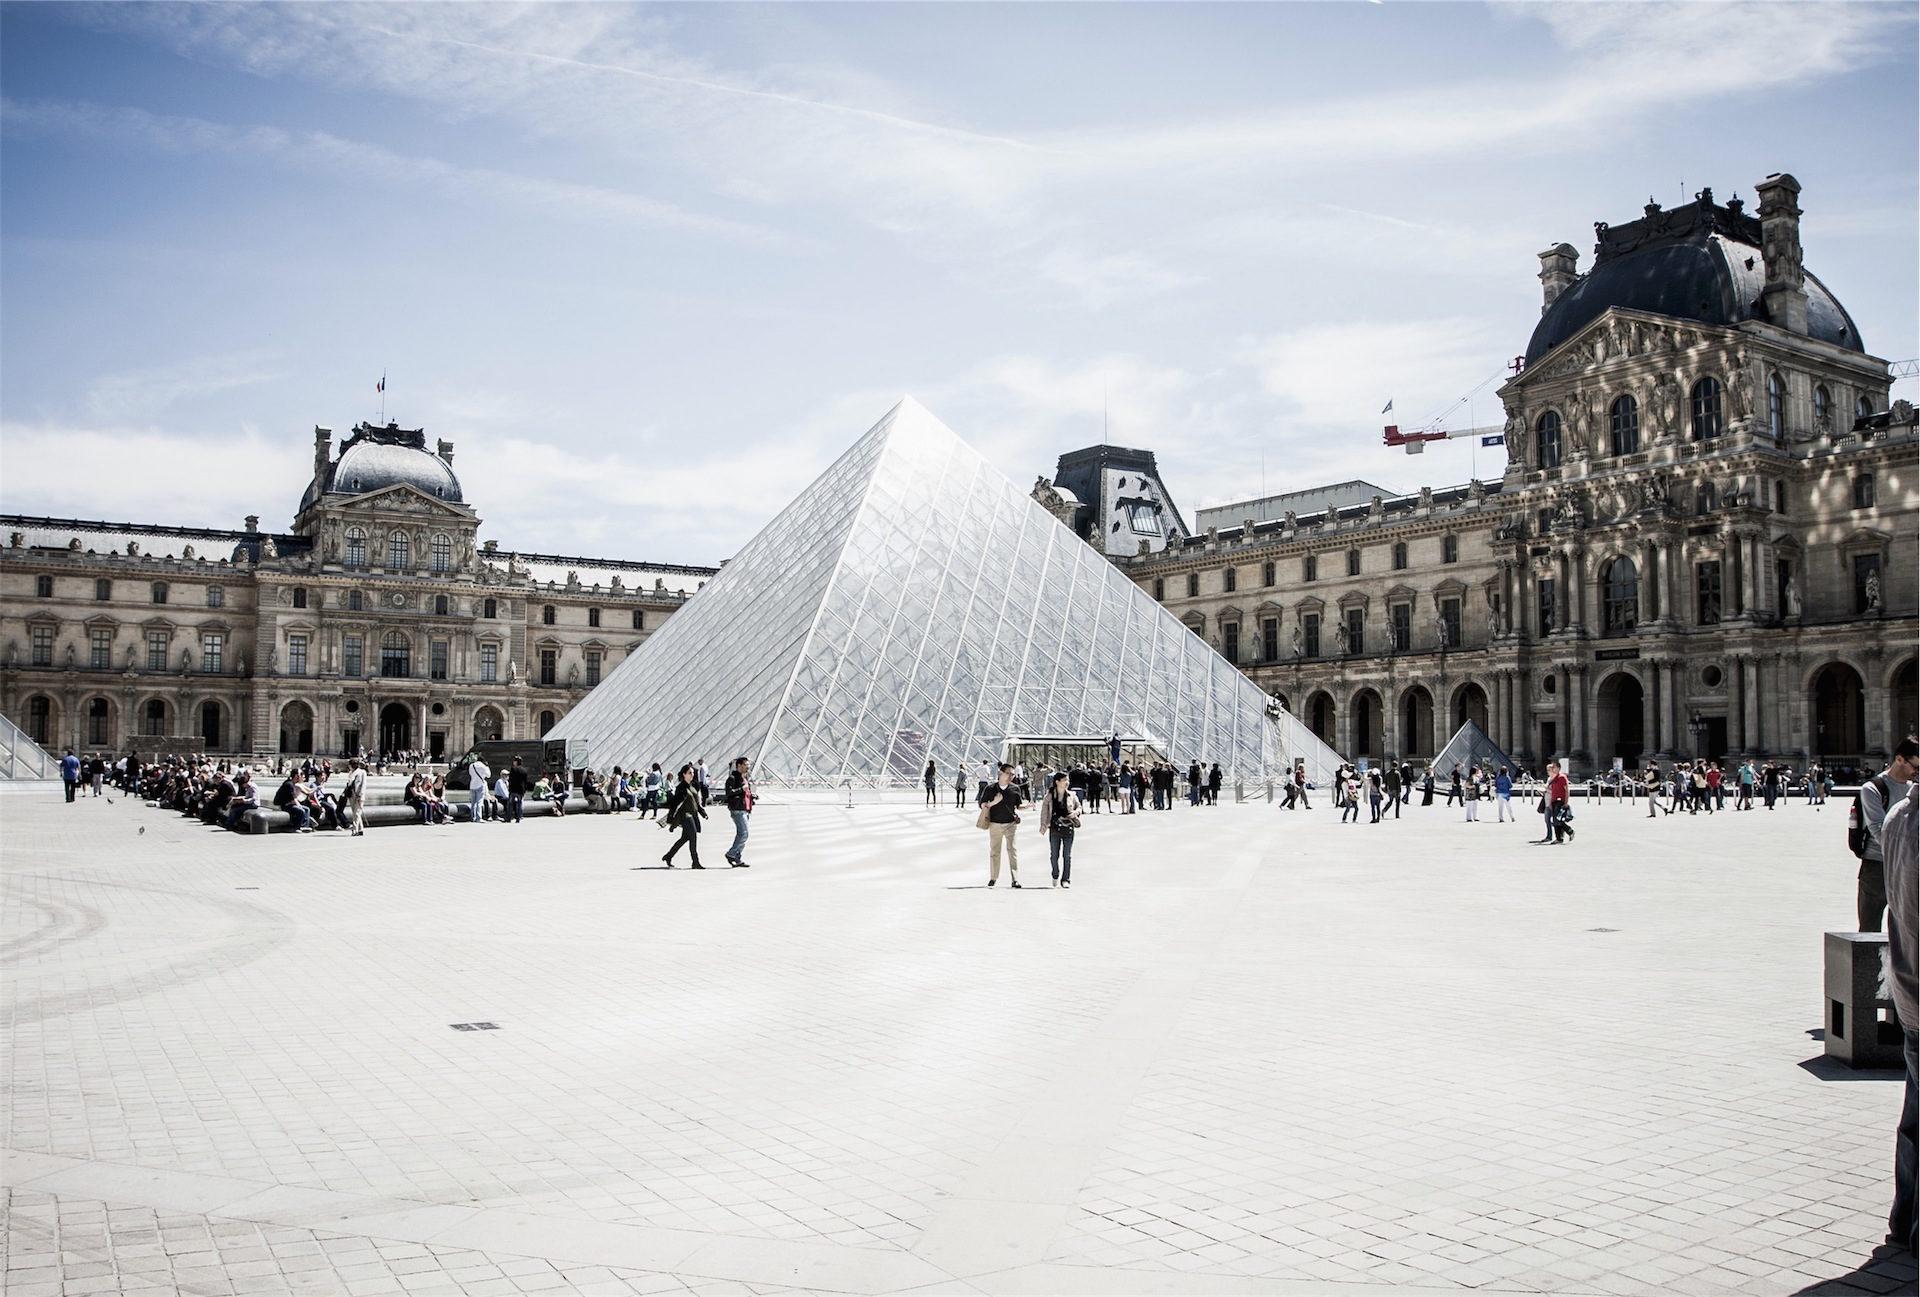 金字塔, 博物馆, 巴黎, 罗浮宫, 旅游, 法国 - 高清壁纸 - 教授-falken.com